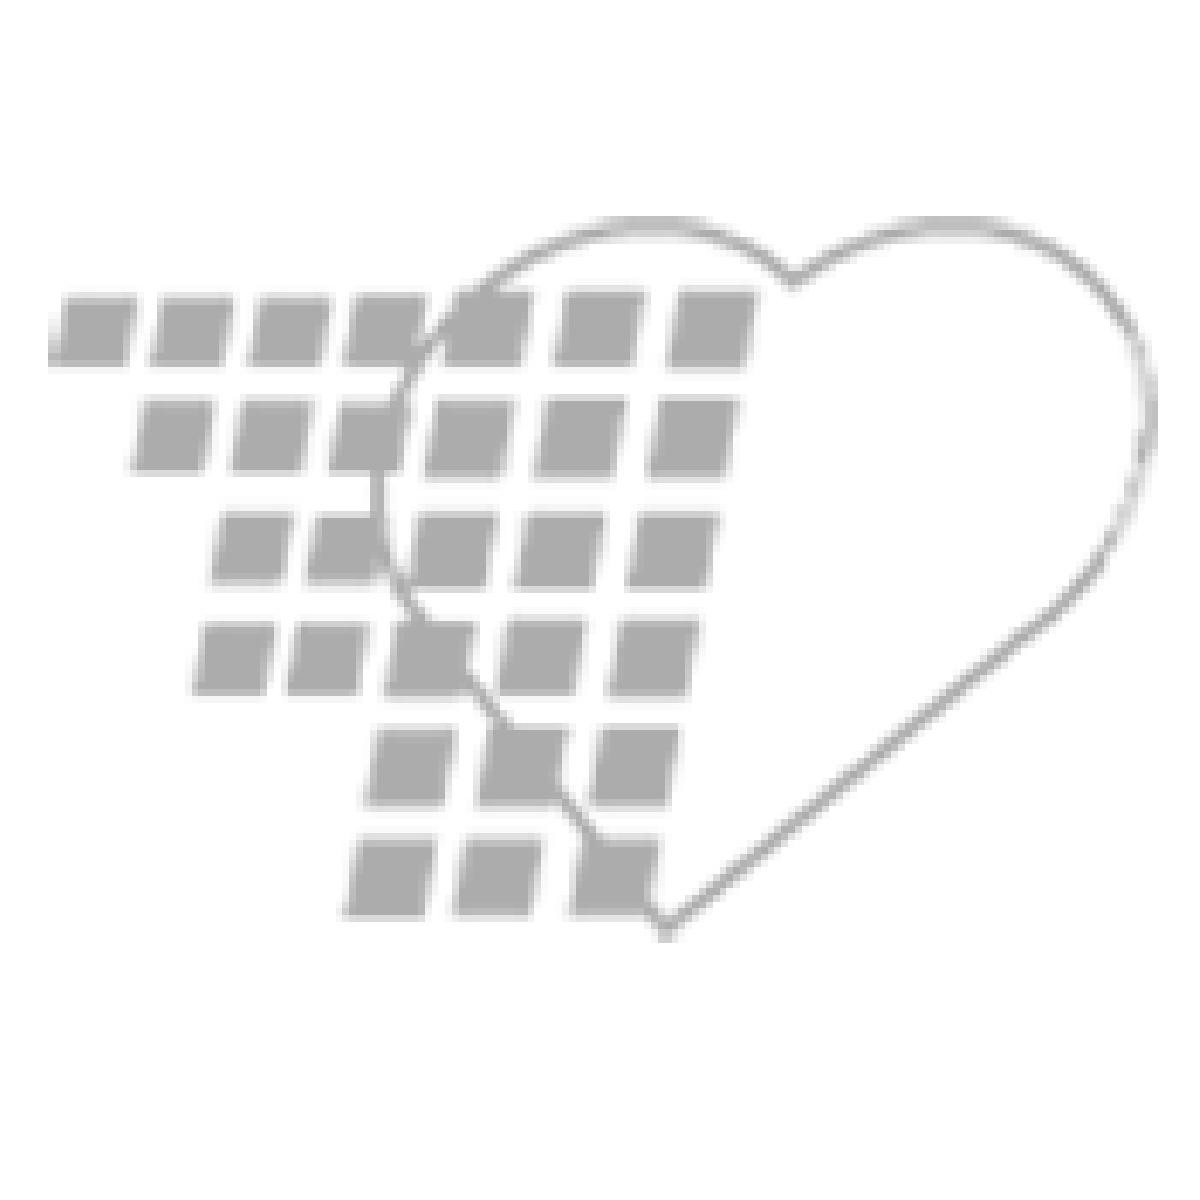 02-80-2146 - Ultrascope® Teaching Stethoscopes - Smiley Face